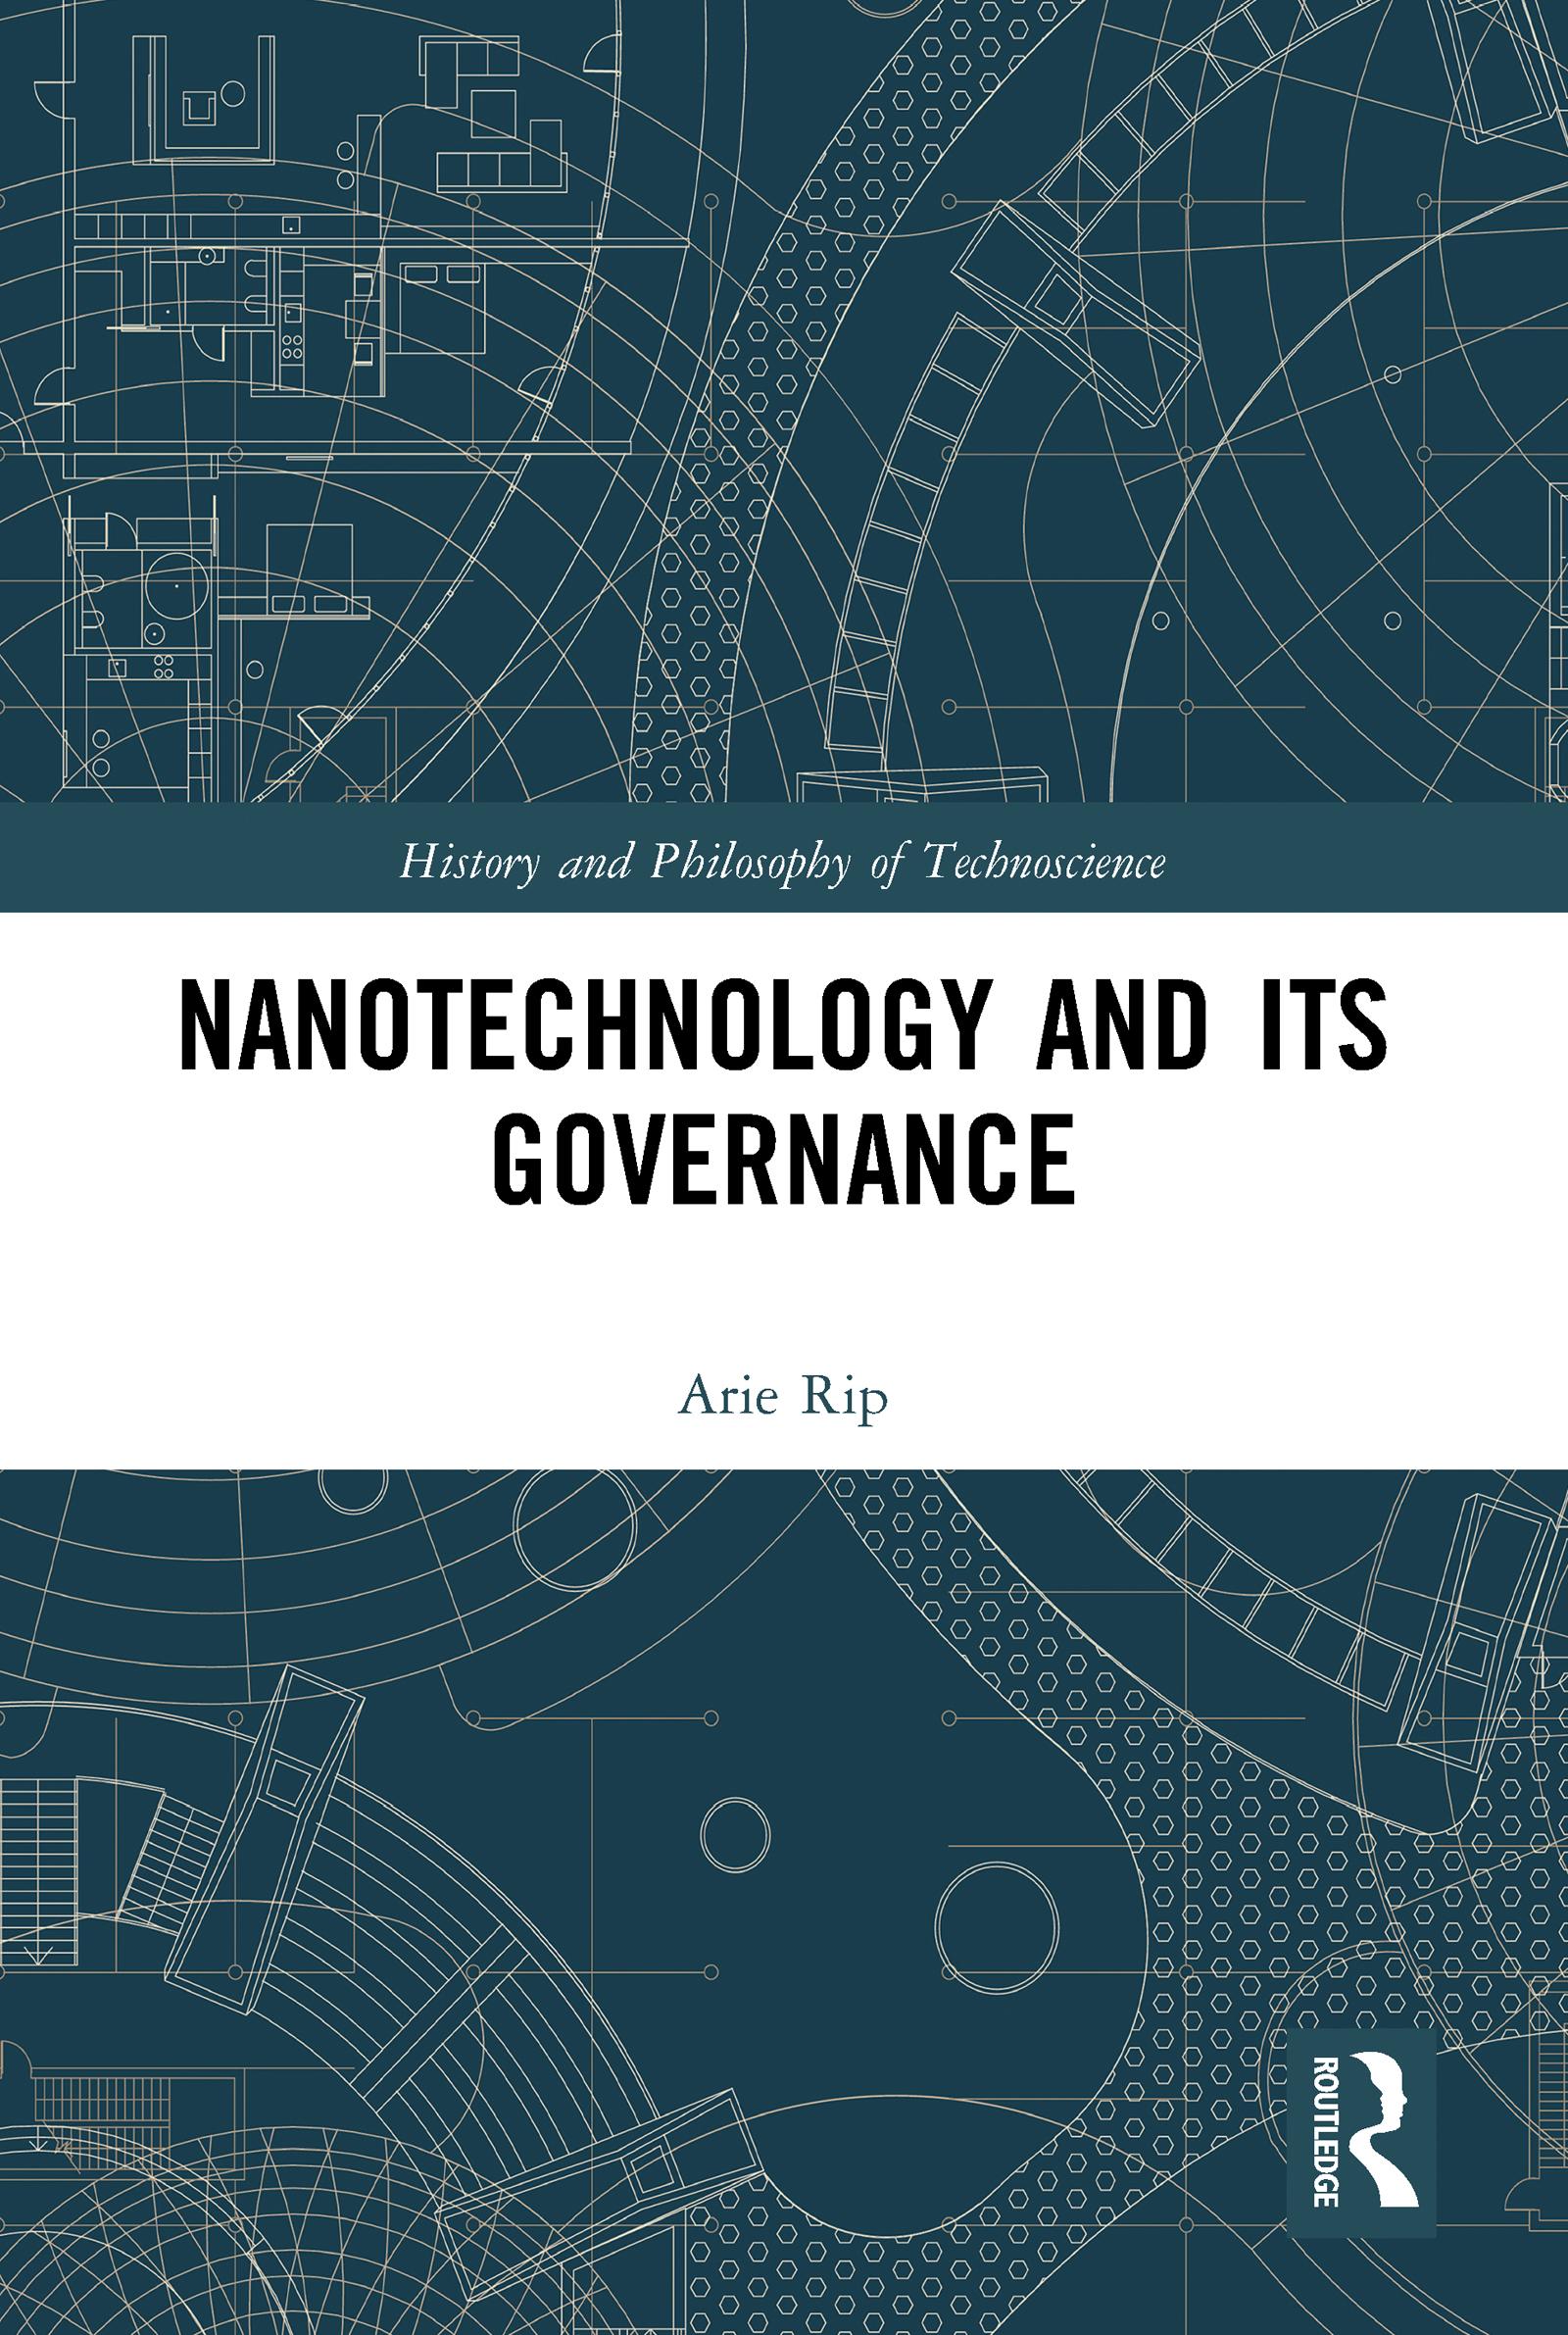 Nanotechnology and Its Governance